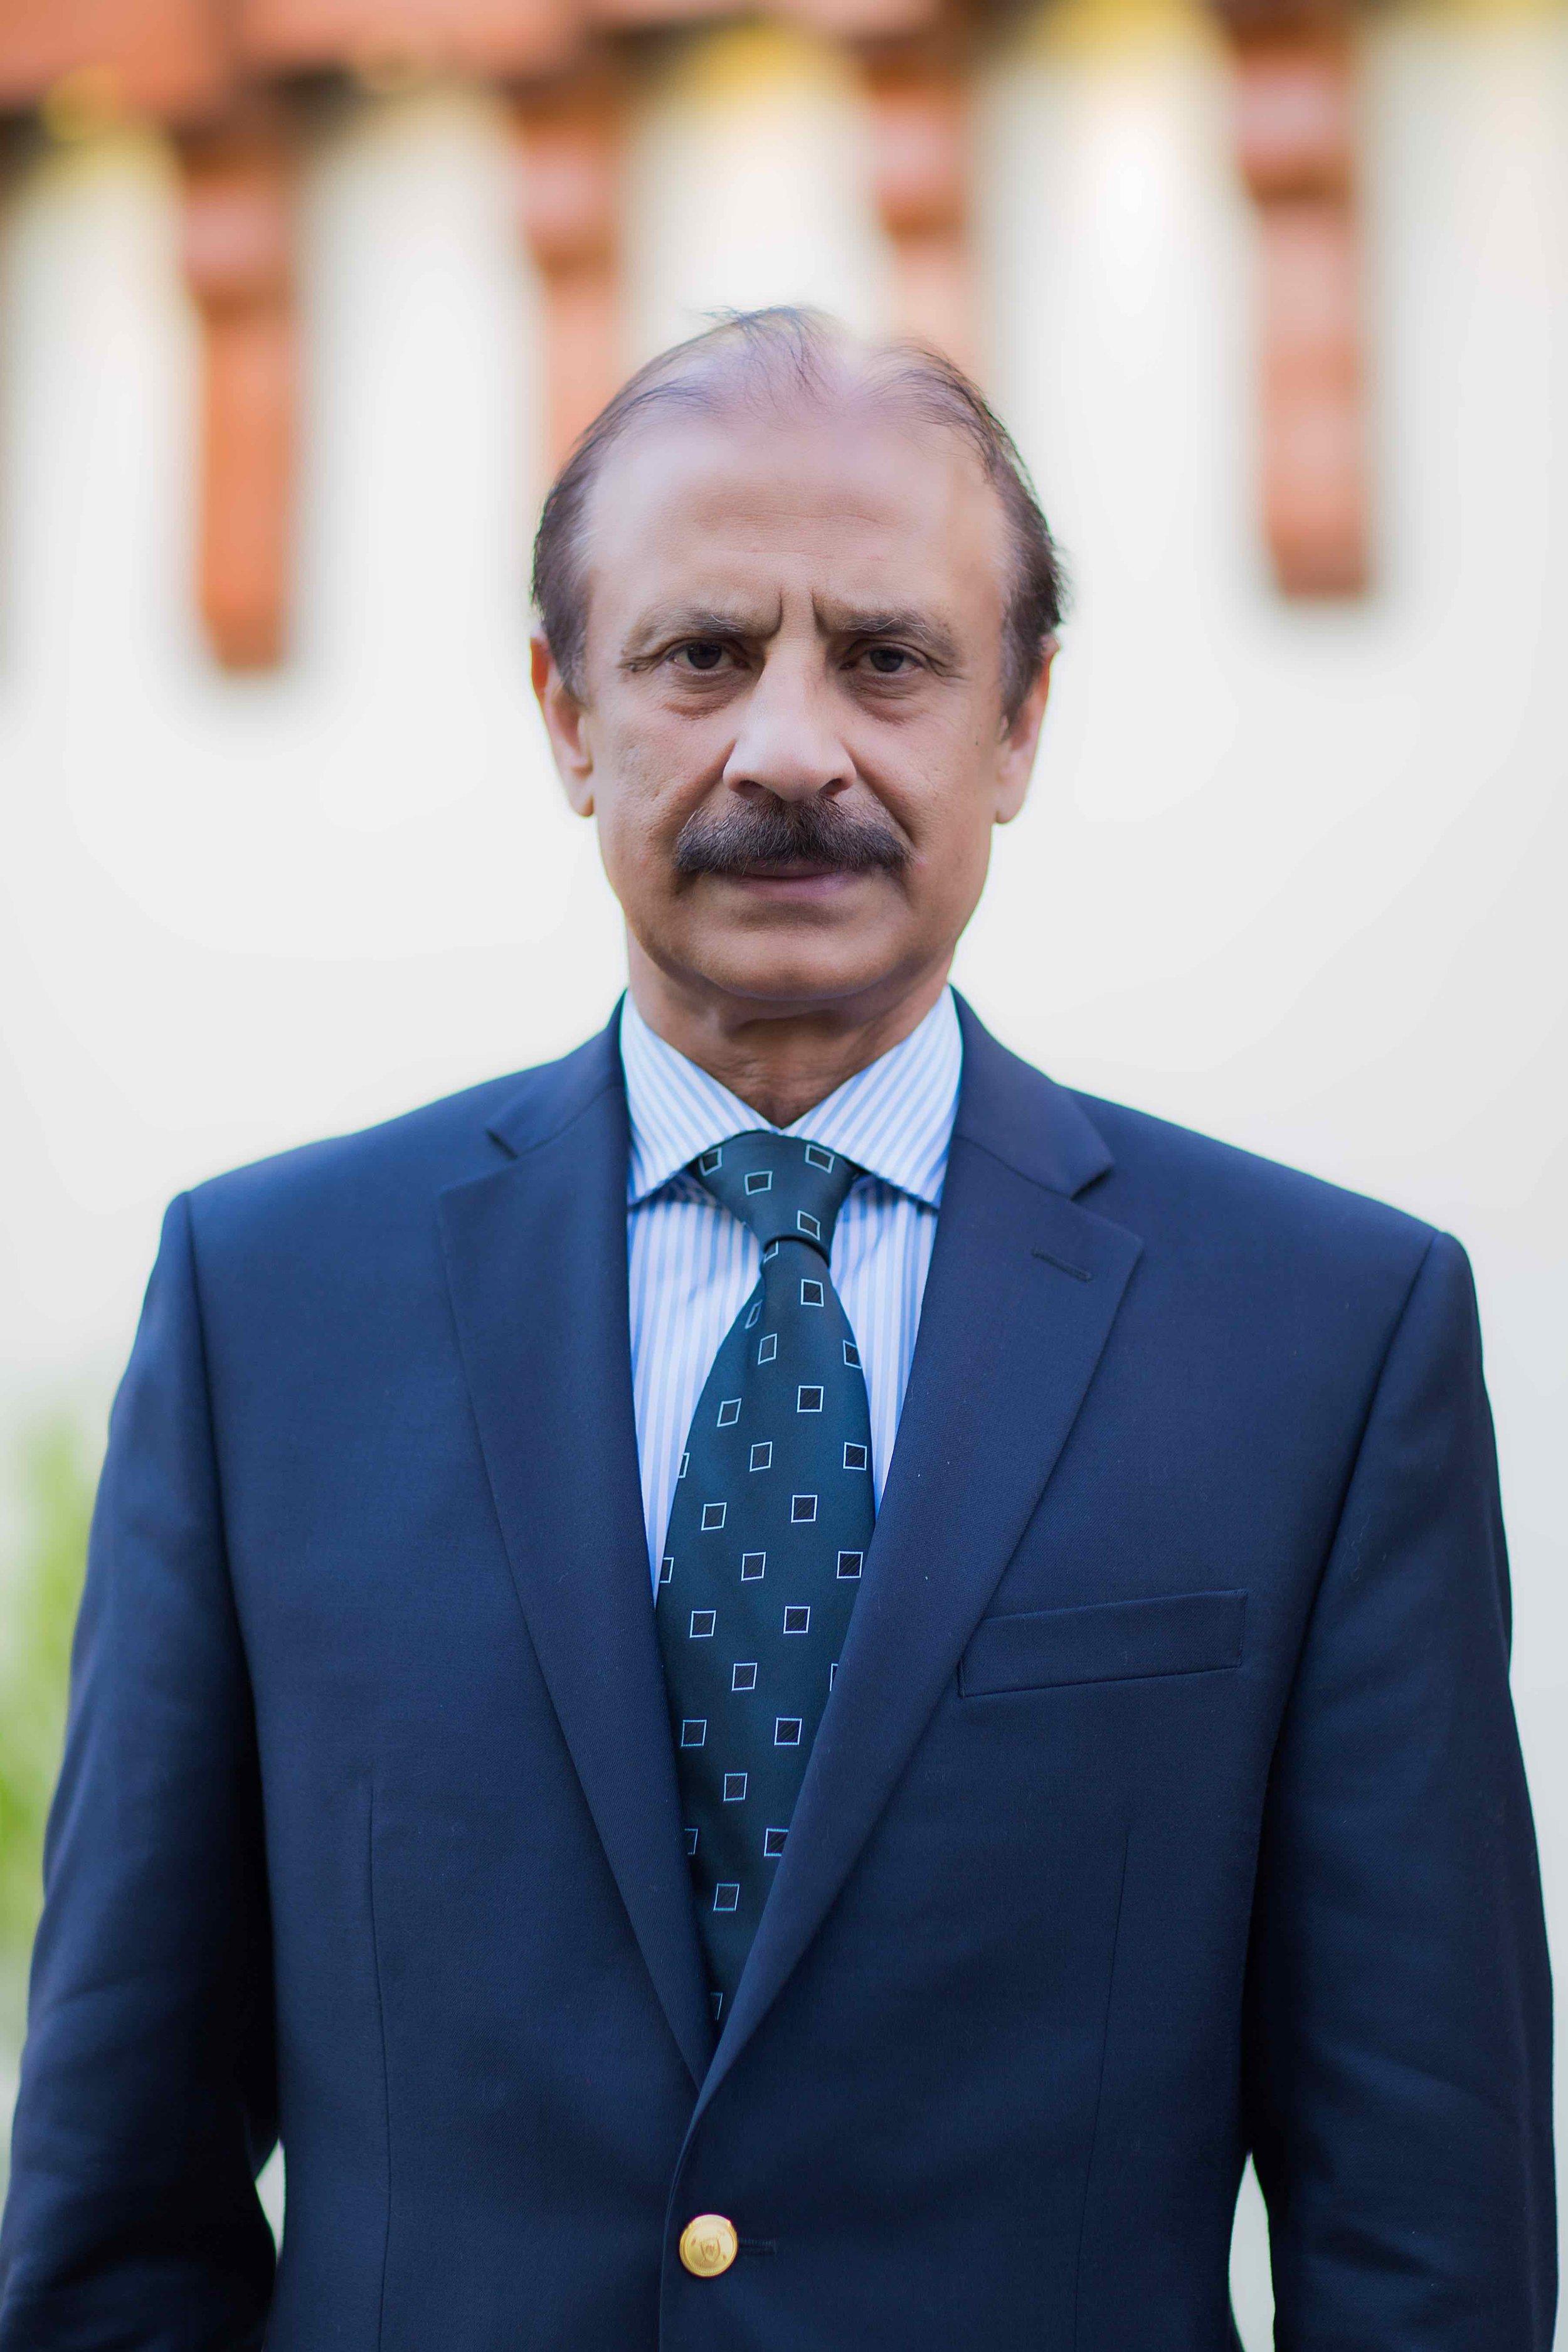 Mr. Kamran Lashar